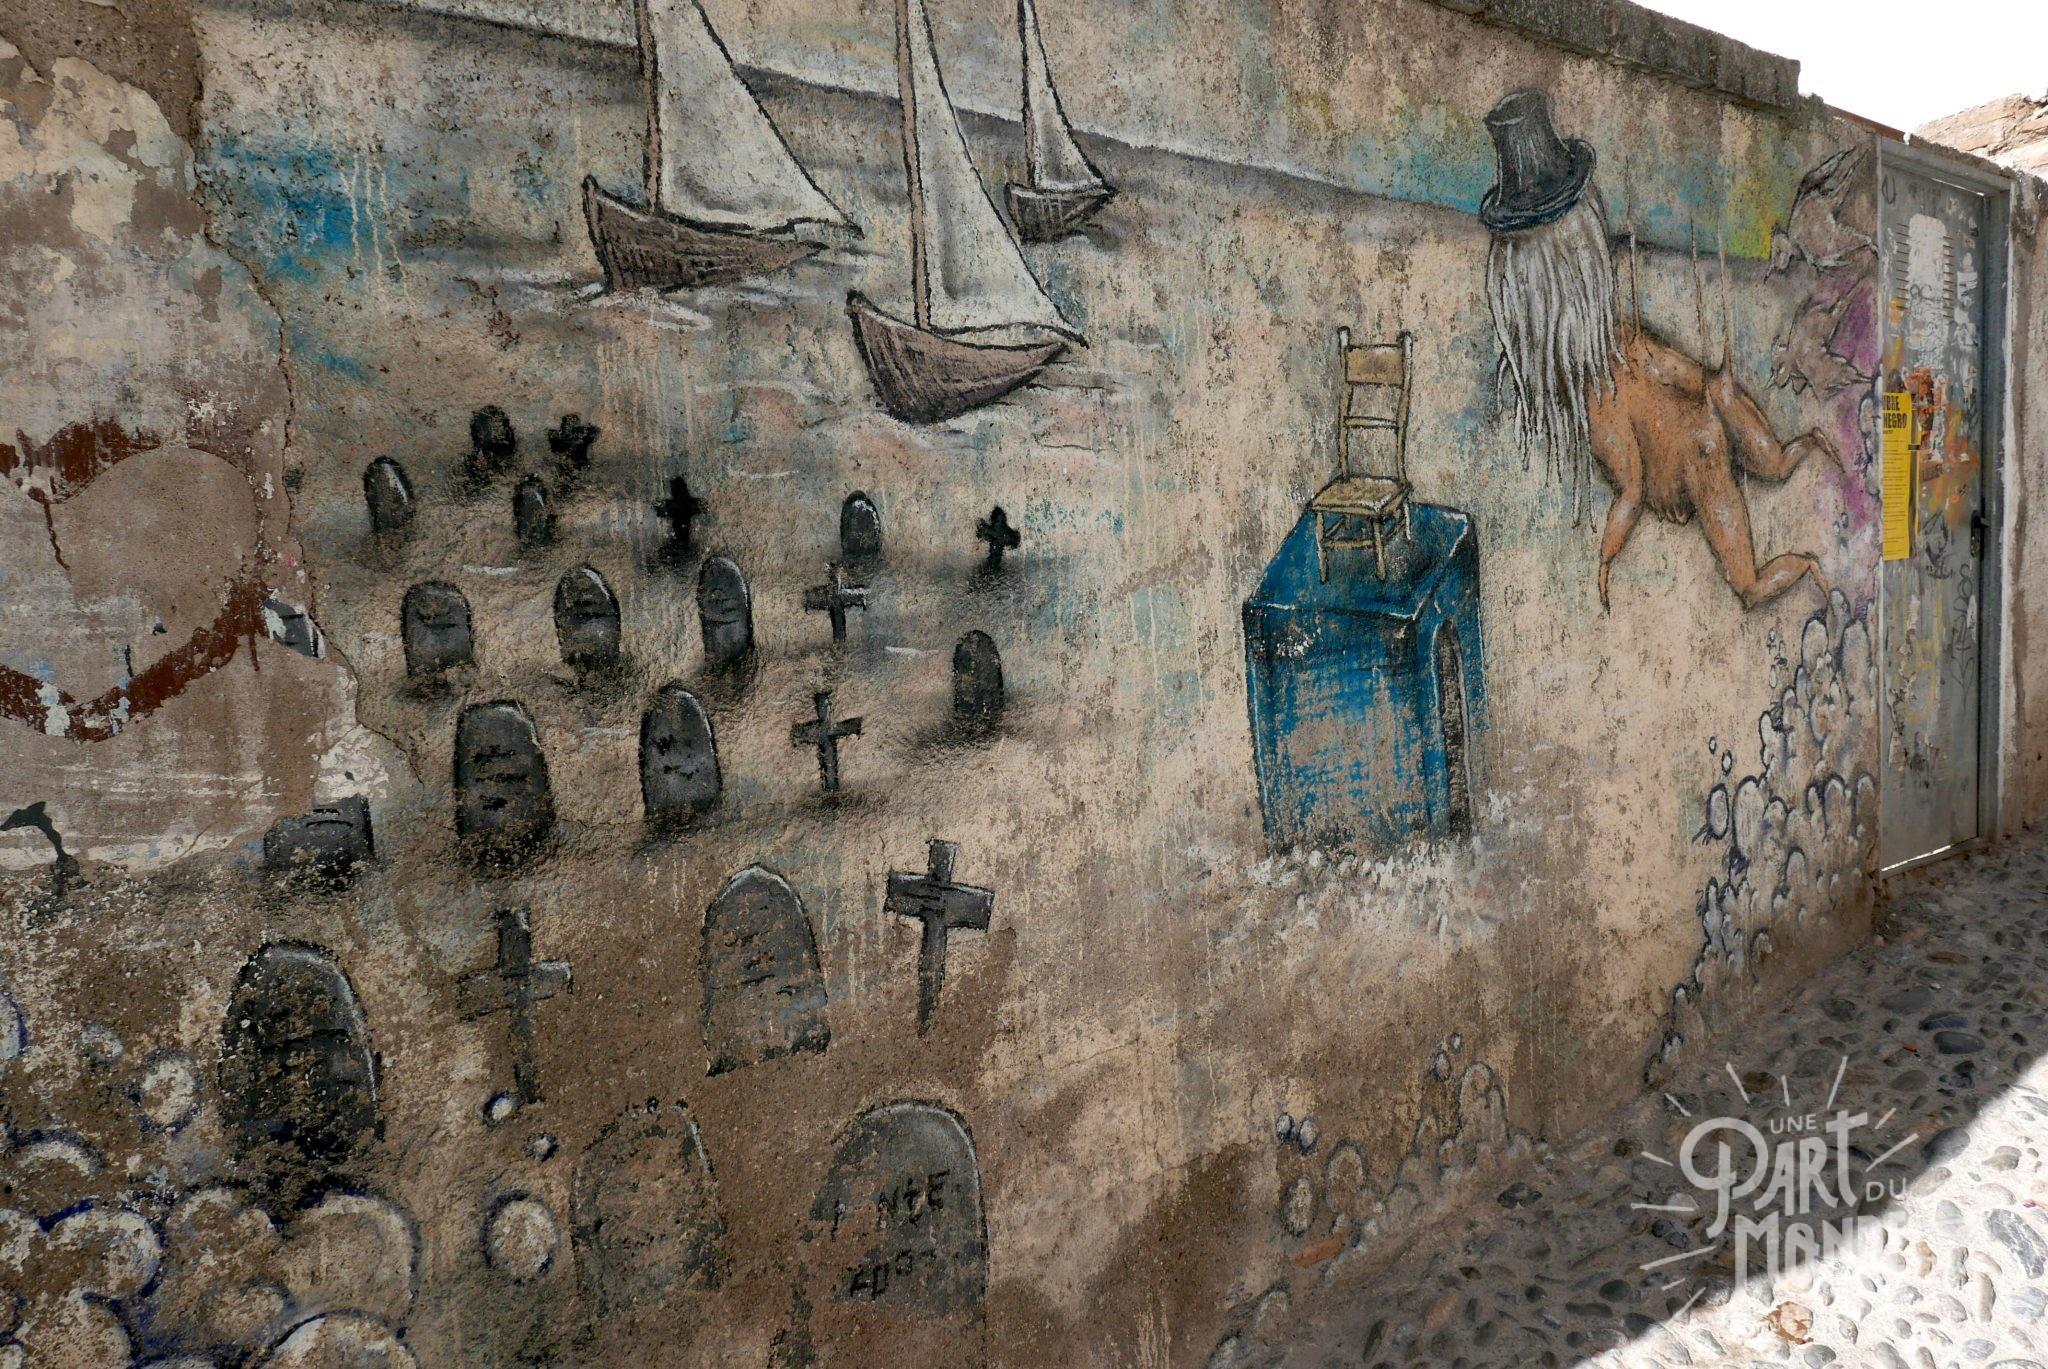 street art grenade